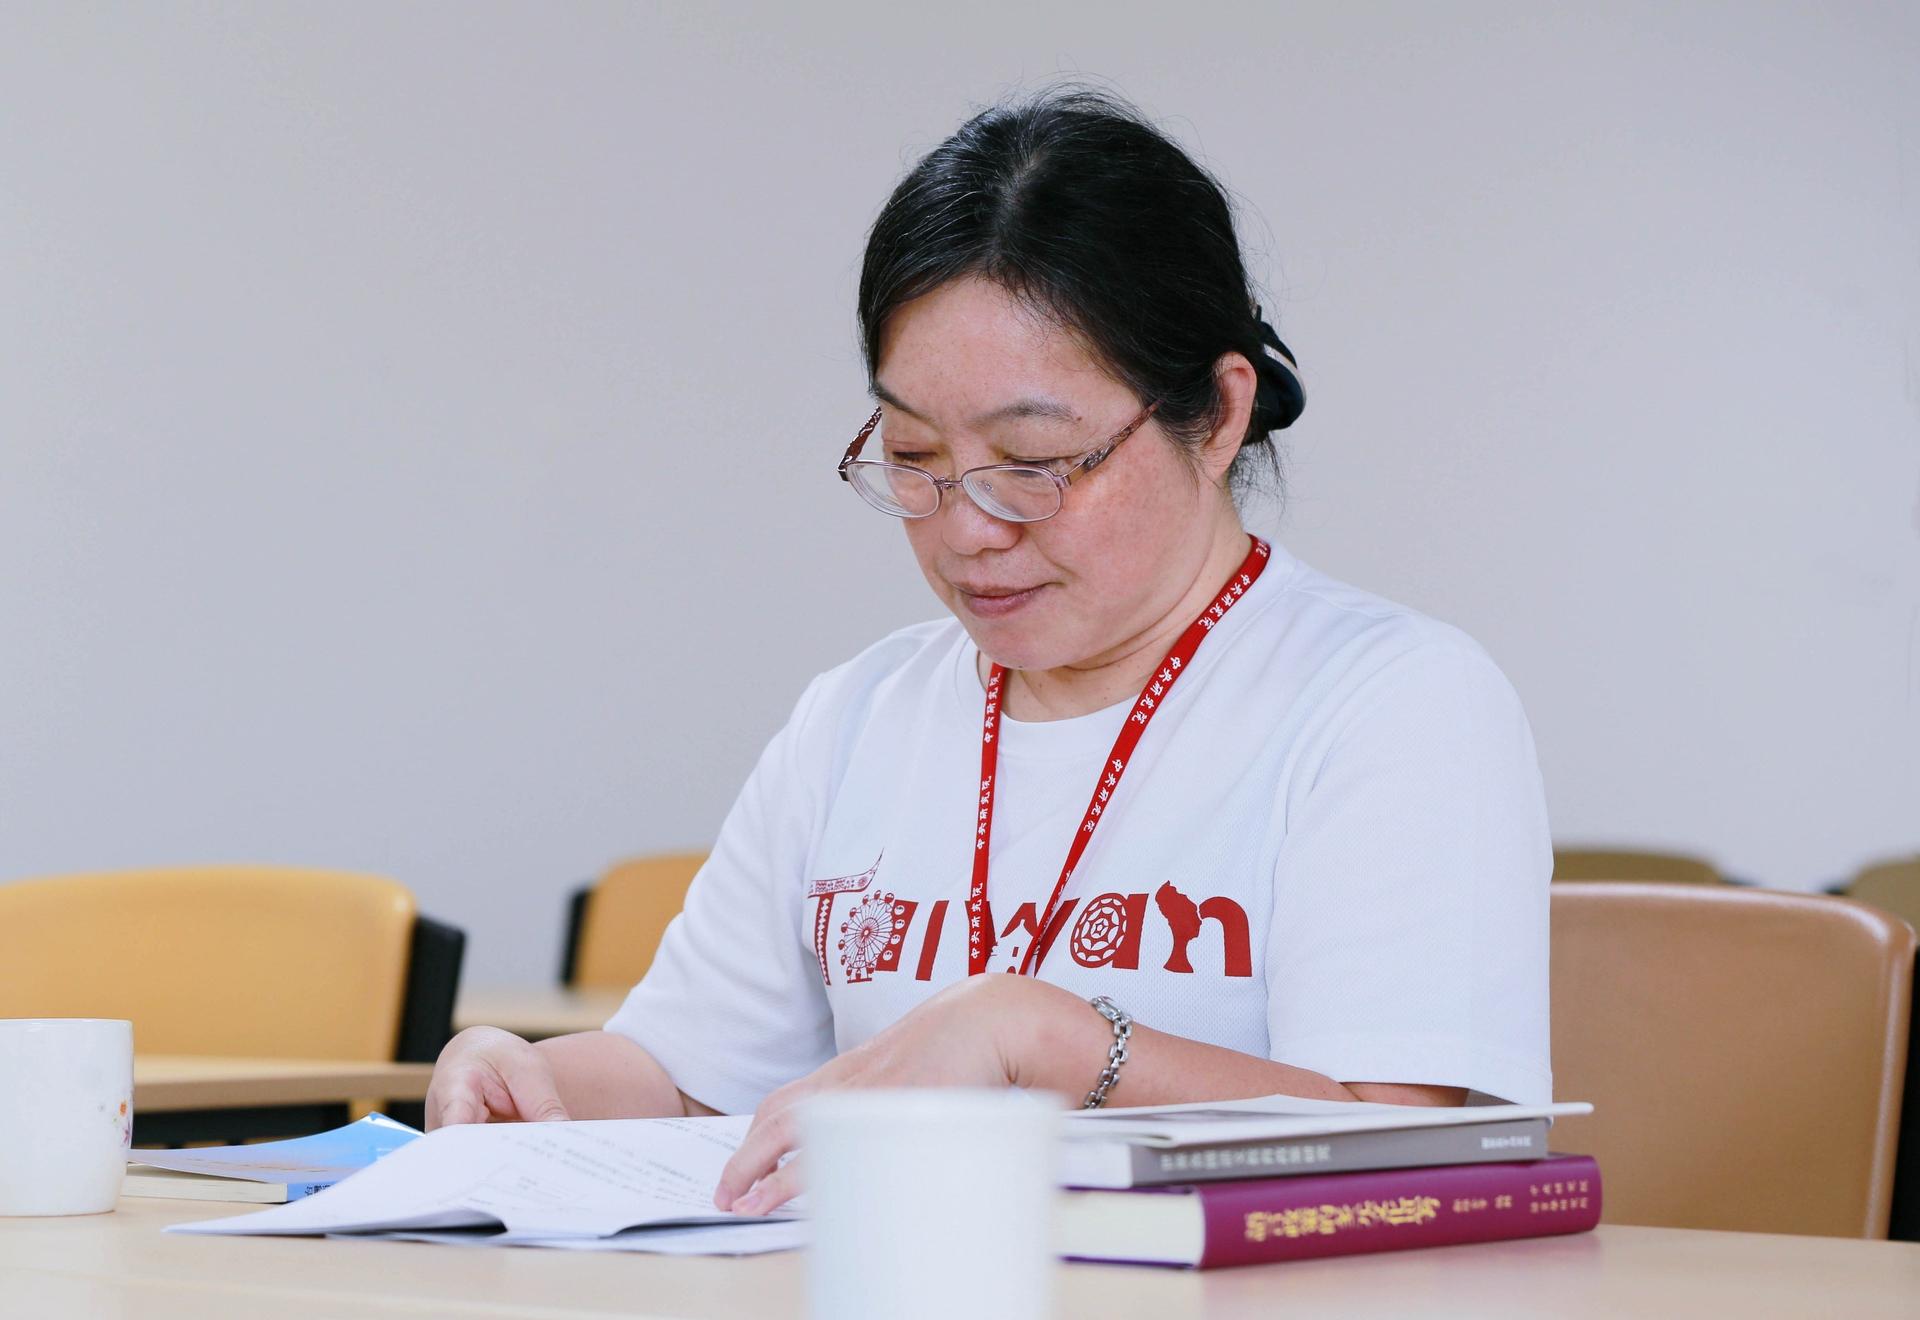 「我的研究動機很簡單,為什麼我的母語都沒有人研究?」碩士、博士論文都是研究閩南語,蕭素英說,研究母語最大好處就是能掌握細微語義差別。她帶孩子念故事書,也會用閩南語來講,讓孩子知道漢字也可以用閩南語來念,因為「語言傳承,就是要創造接觸的環境。」 攝影│林洵安